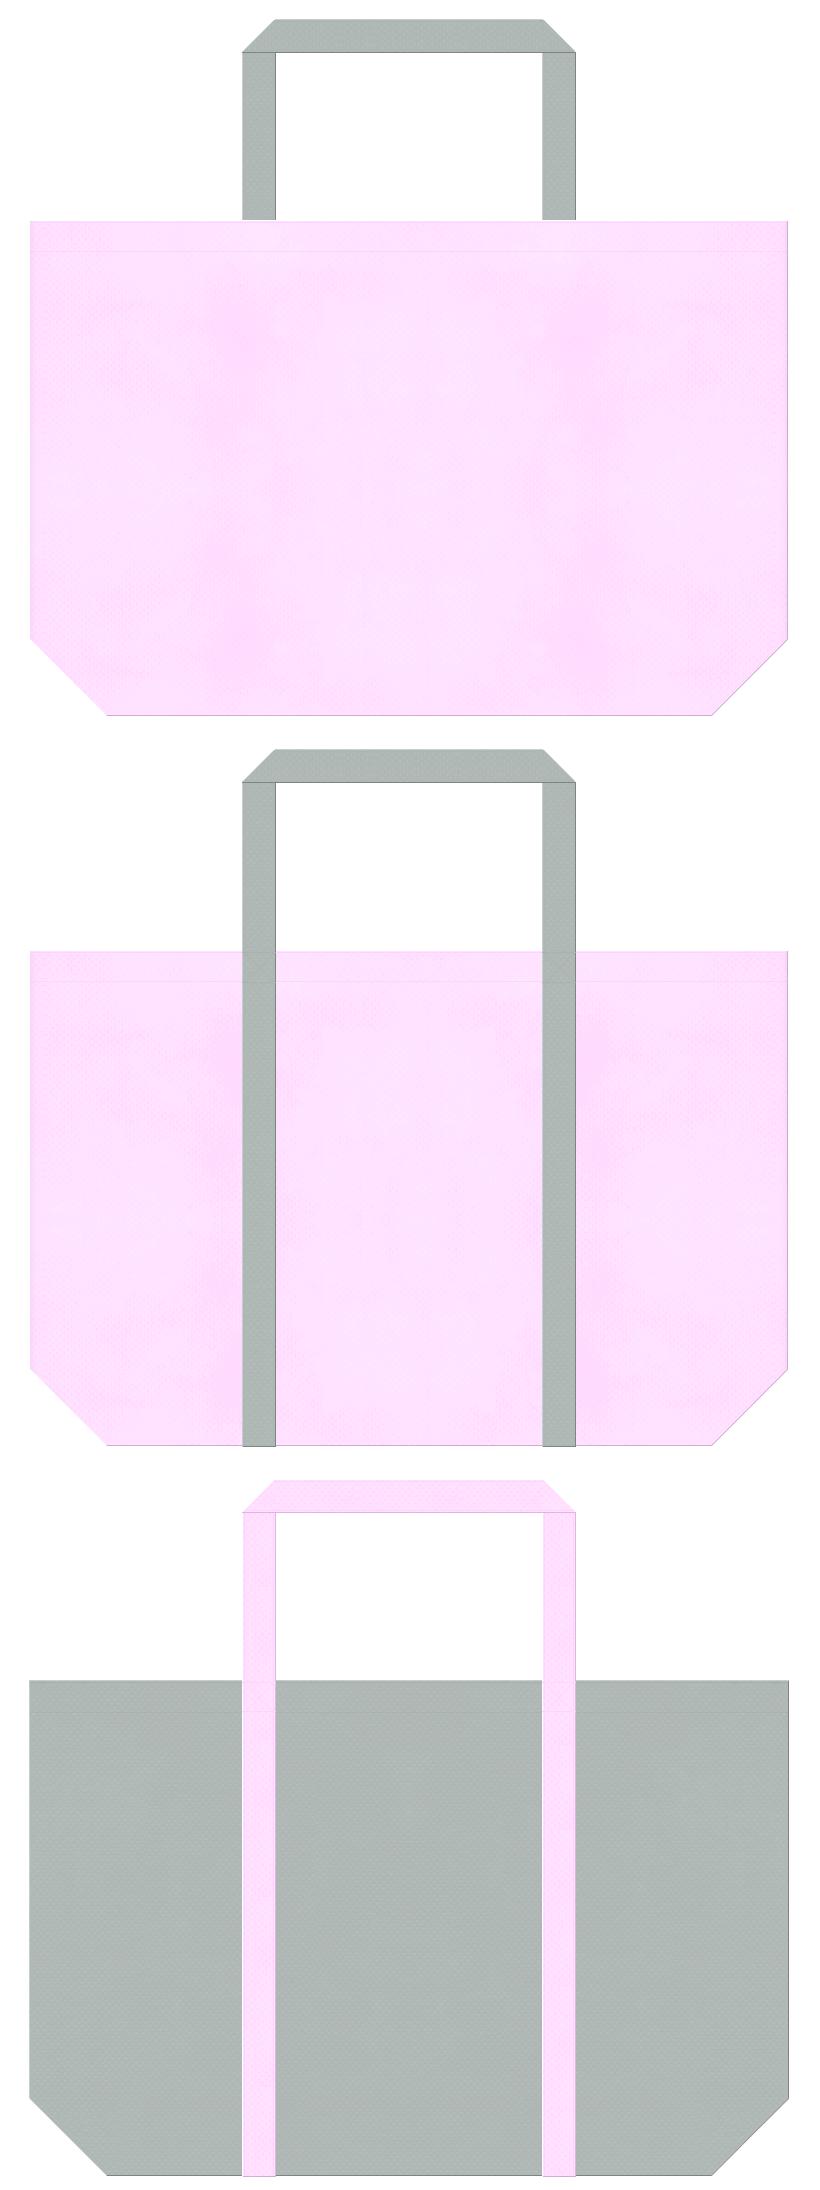 事務服・制服・ワーキングユニフォームのショッピングバッグにお奨めの不織布バッグデザイン:パステルピンク色とグレー色のコーデ